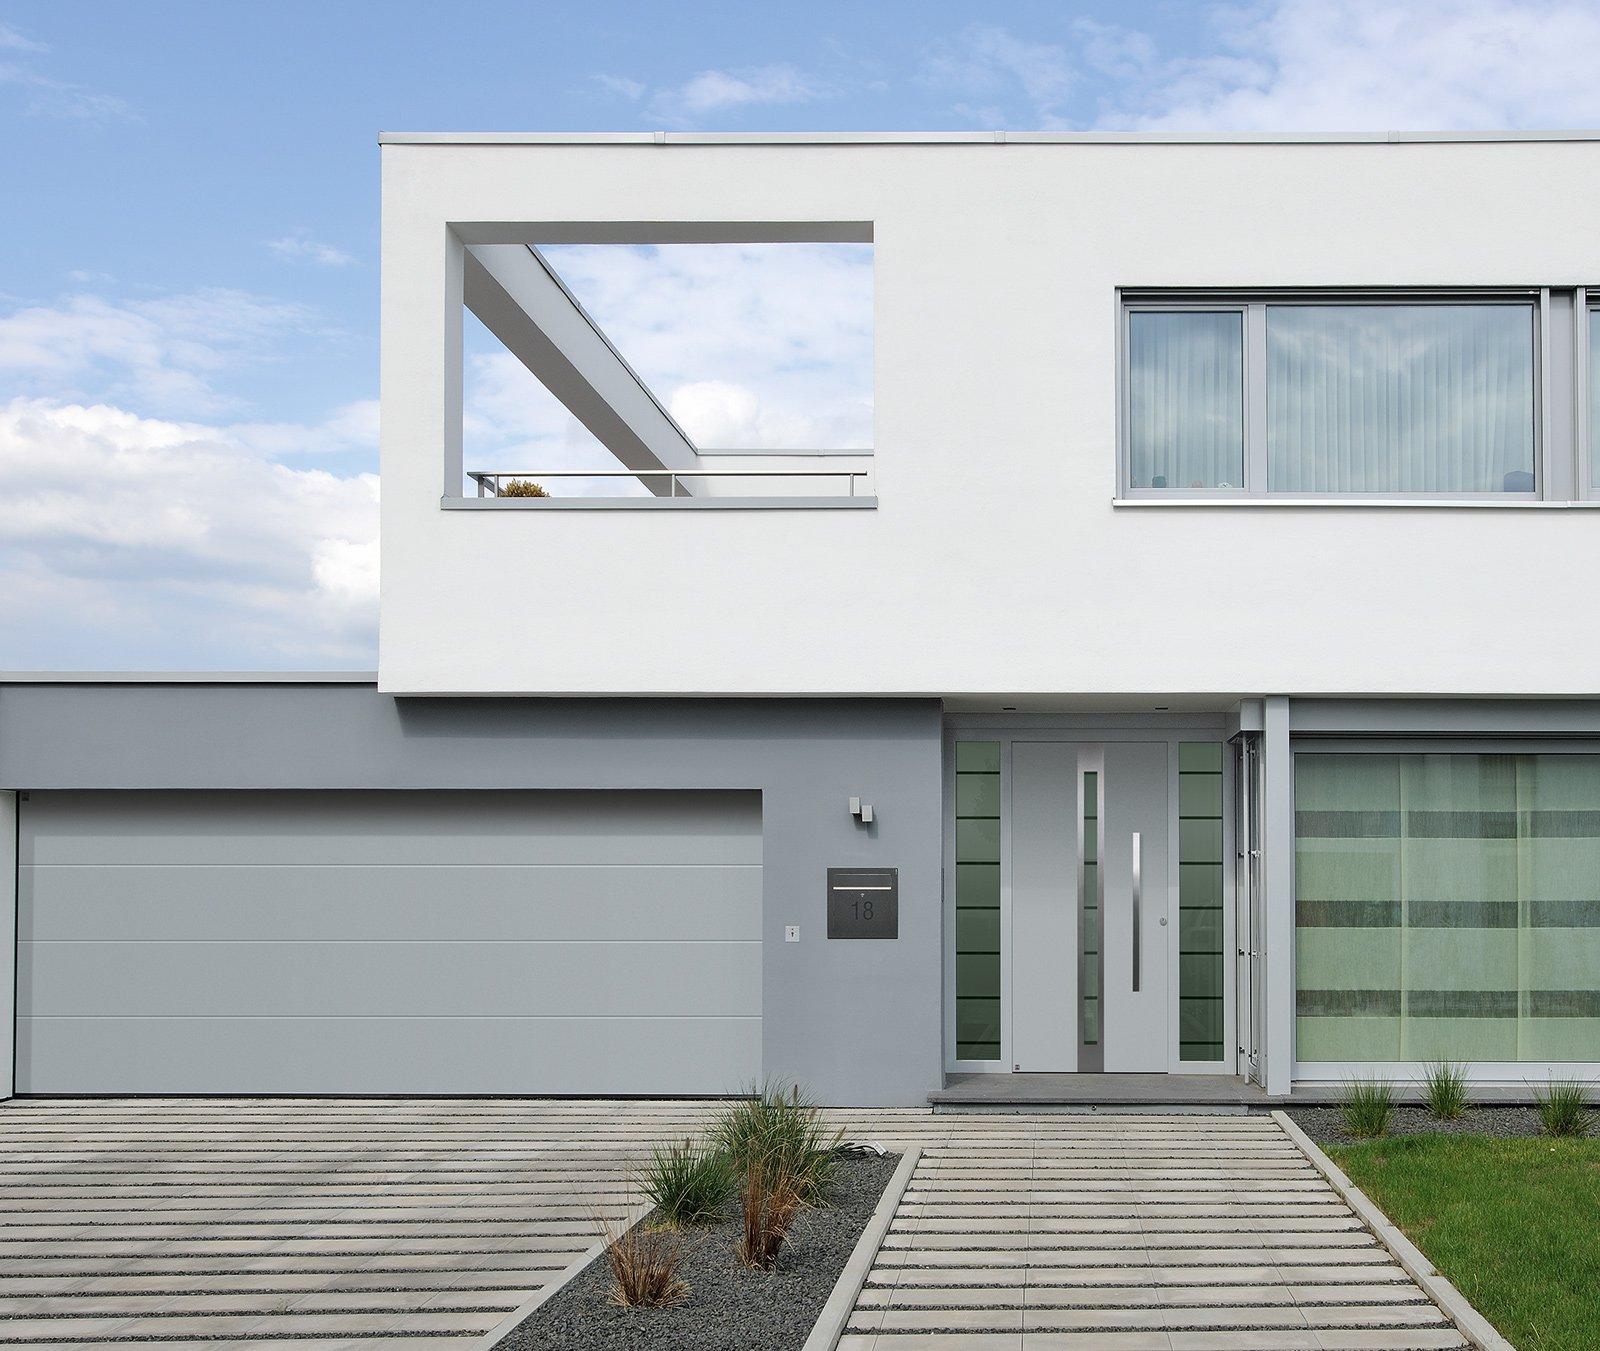 Riqualificazione energetica la sfida dell 39 edilizia green for Design moderni della casa di vetro